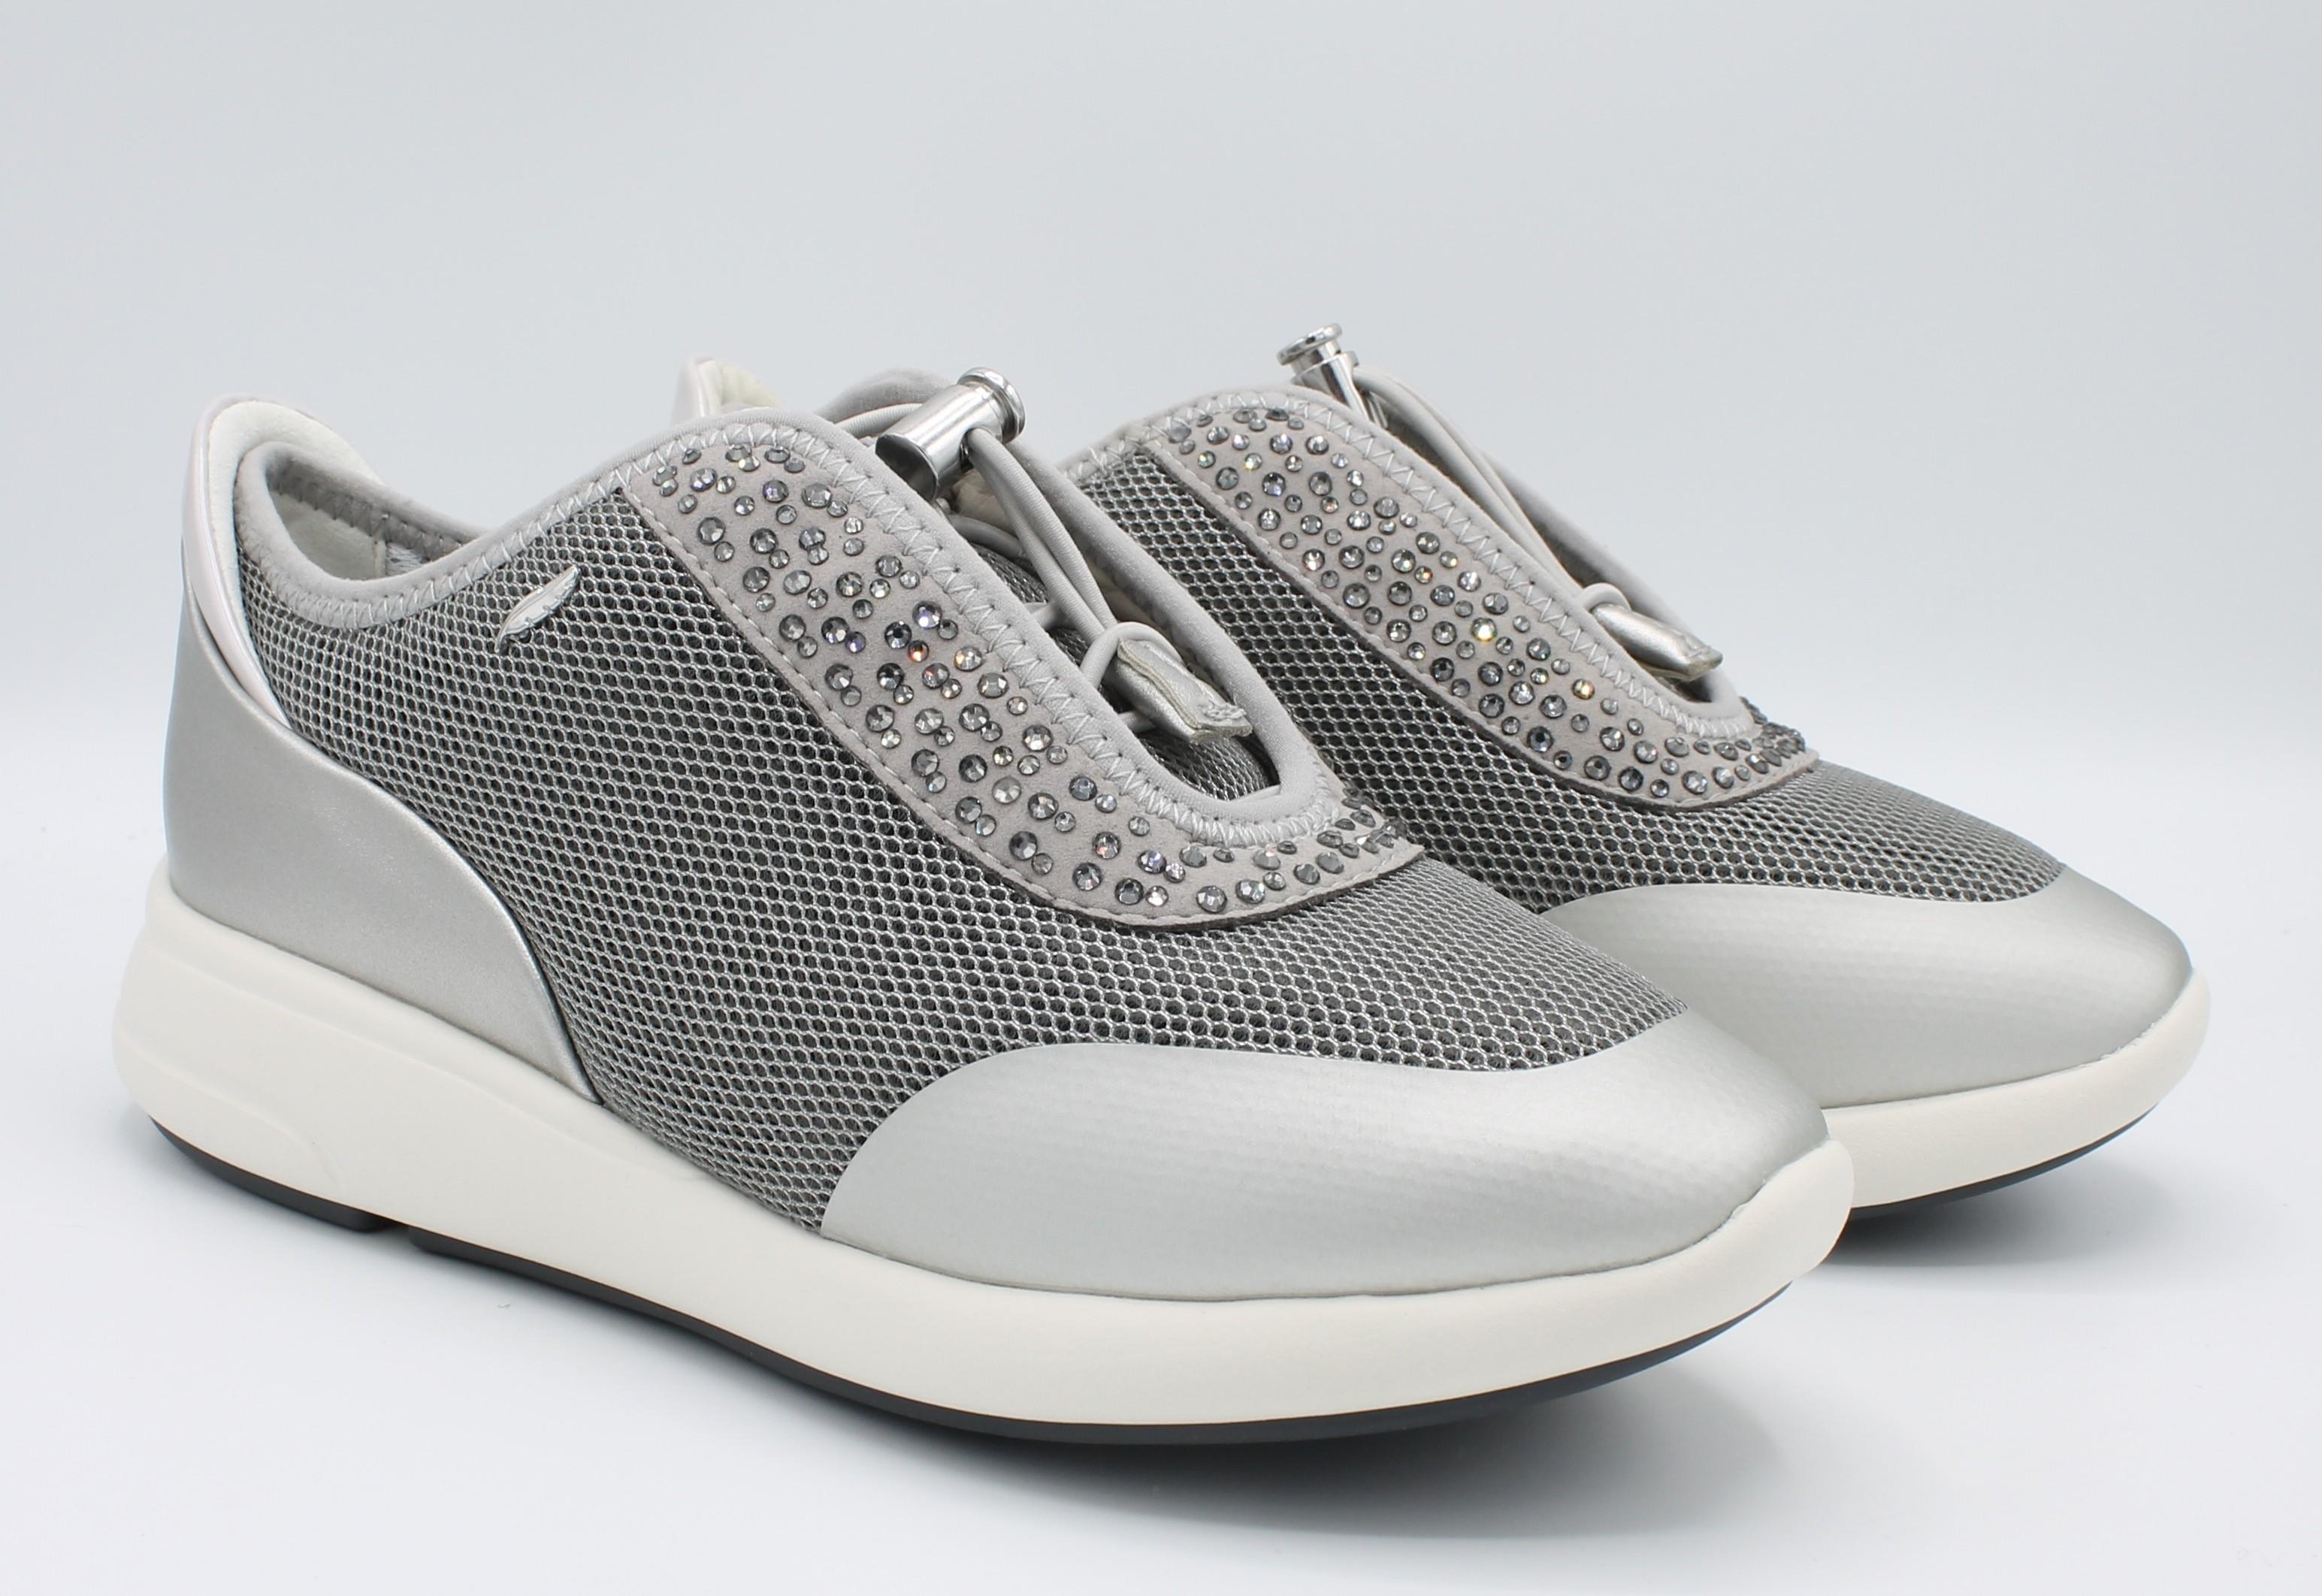 Geox scarpe da donna sneakers con lacci elastici Ophira